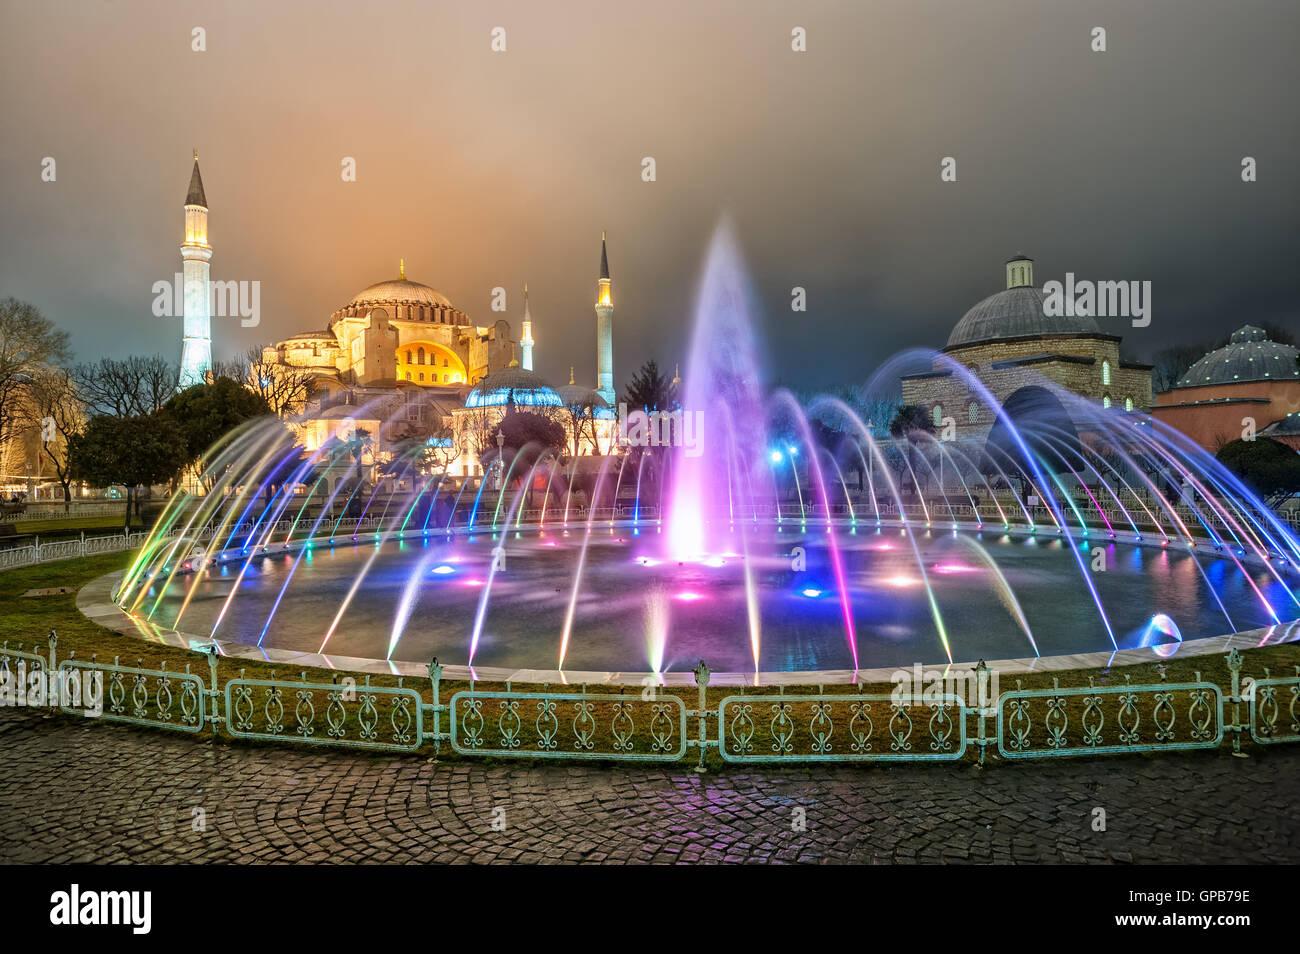 Hagia Sophia y colorida fuente en el parque de Sultanahmet, en Estambul, Turquía, en la noche Imagen De Stock